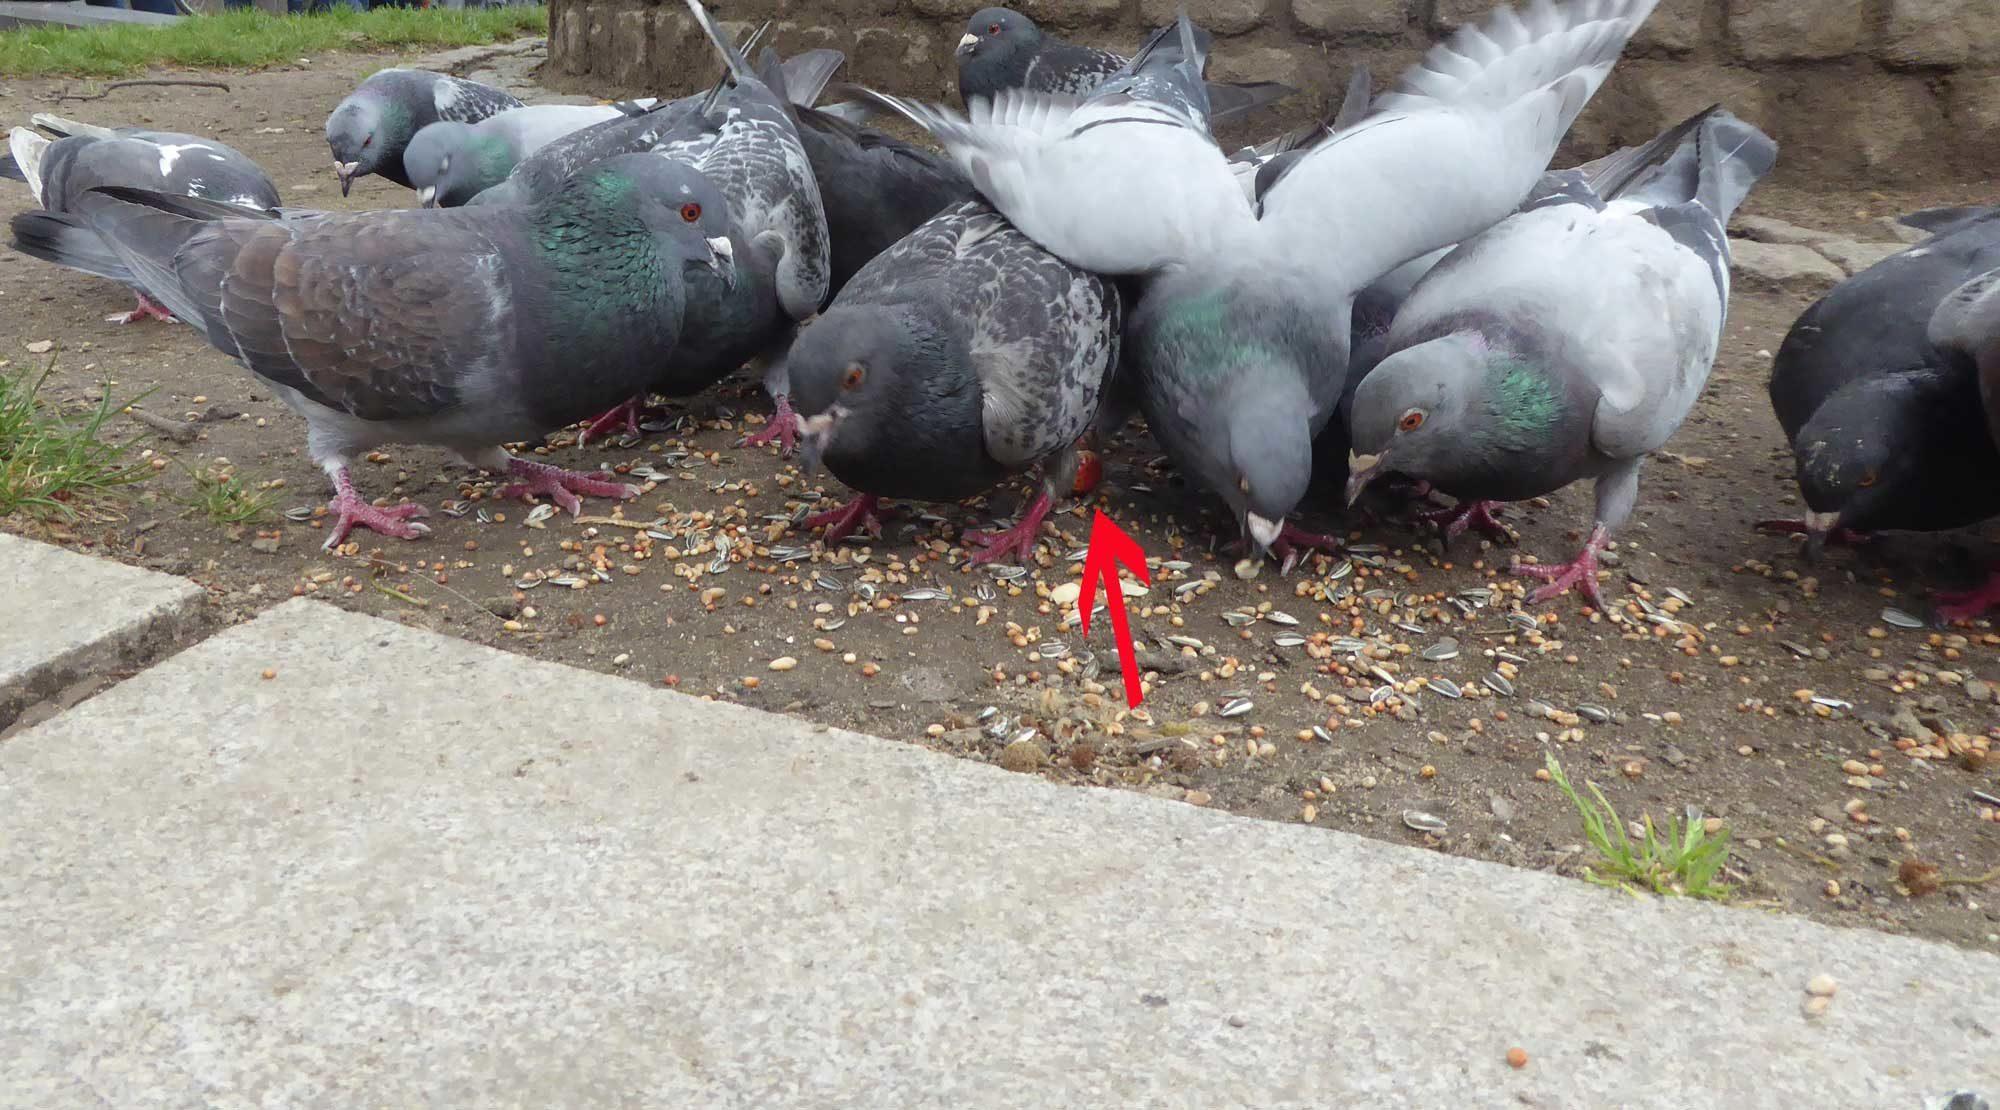 Fußkranke Tauben anfüttern